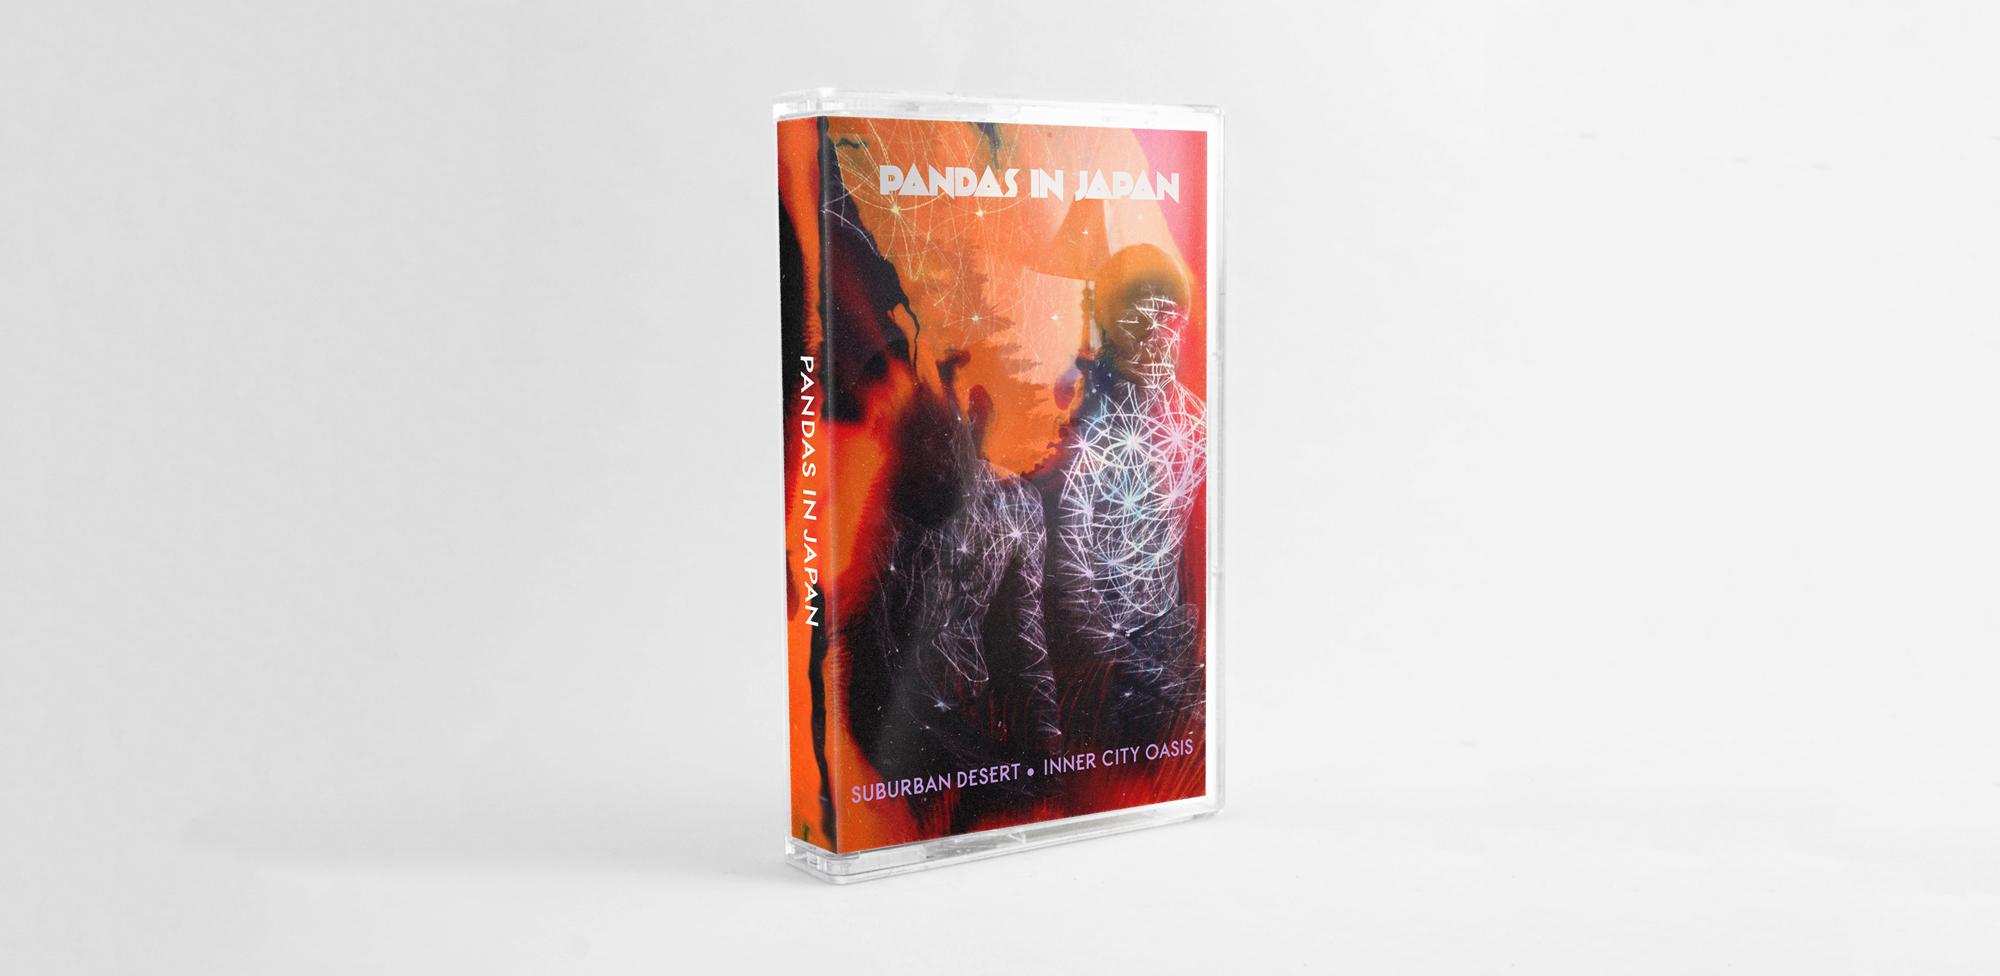 PANDAS IN JAPAN • SUBURBAN DESERT / INNER CITY OASIS